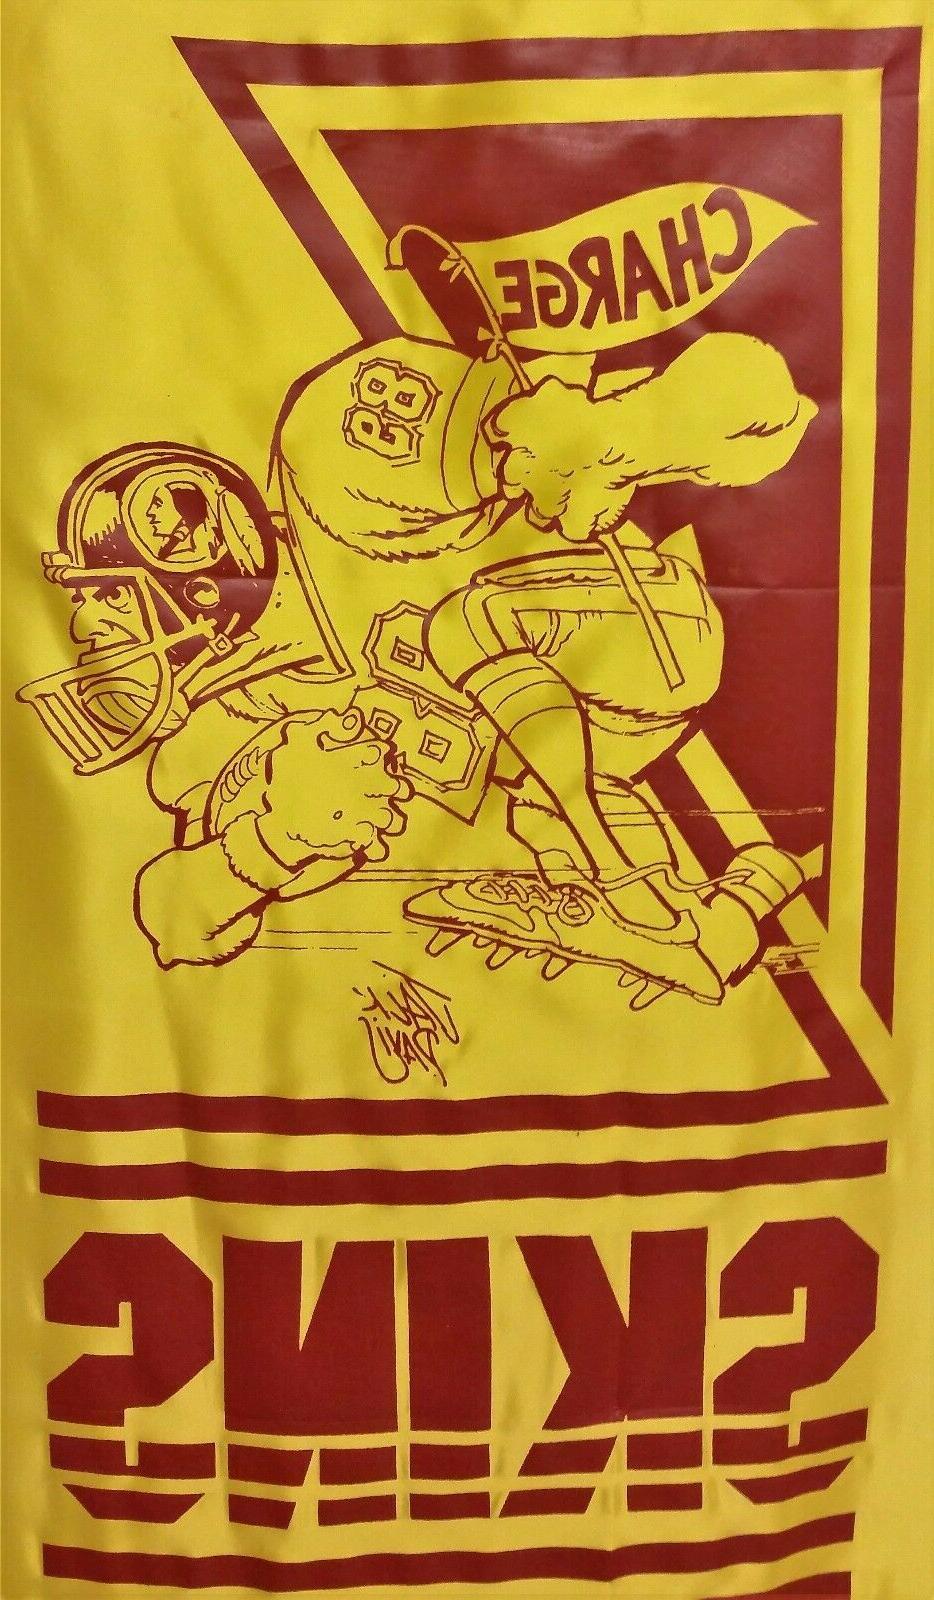 vintage washington redskins wall hanging banner man